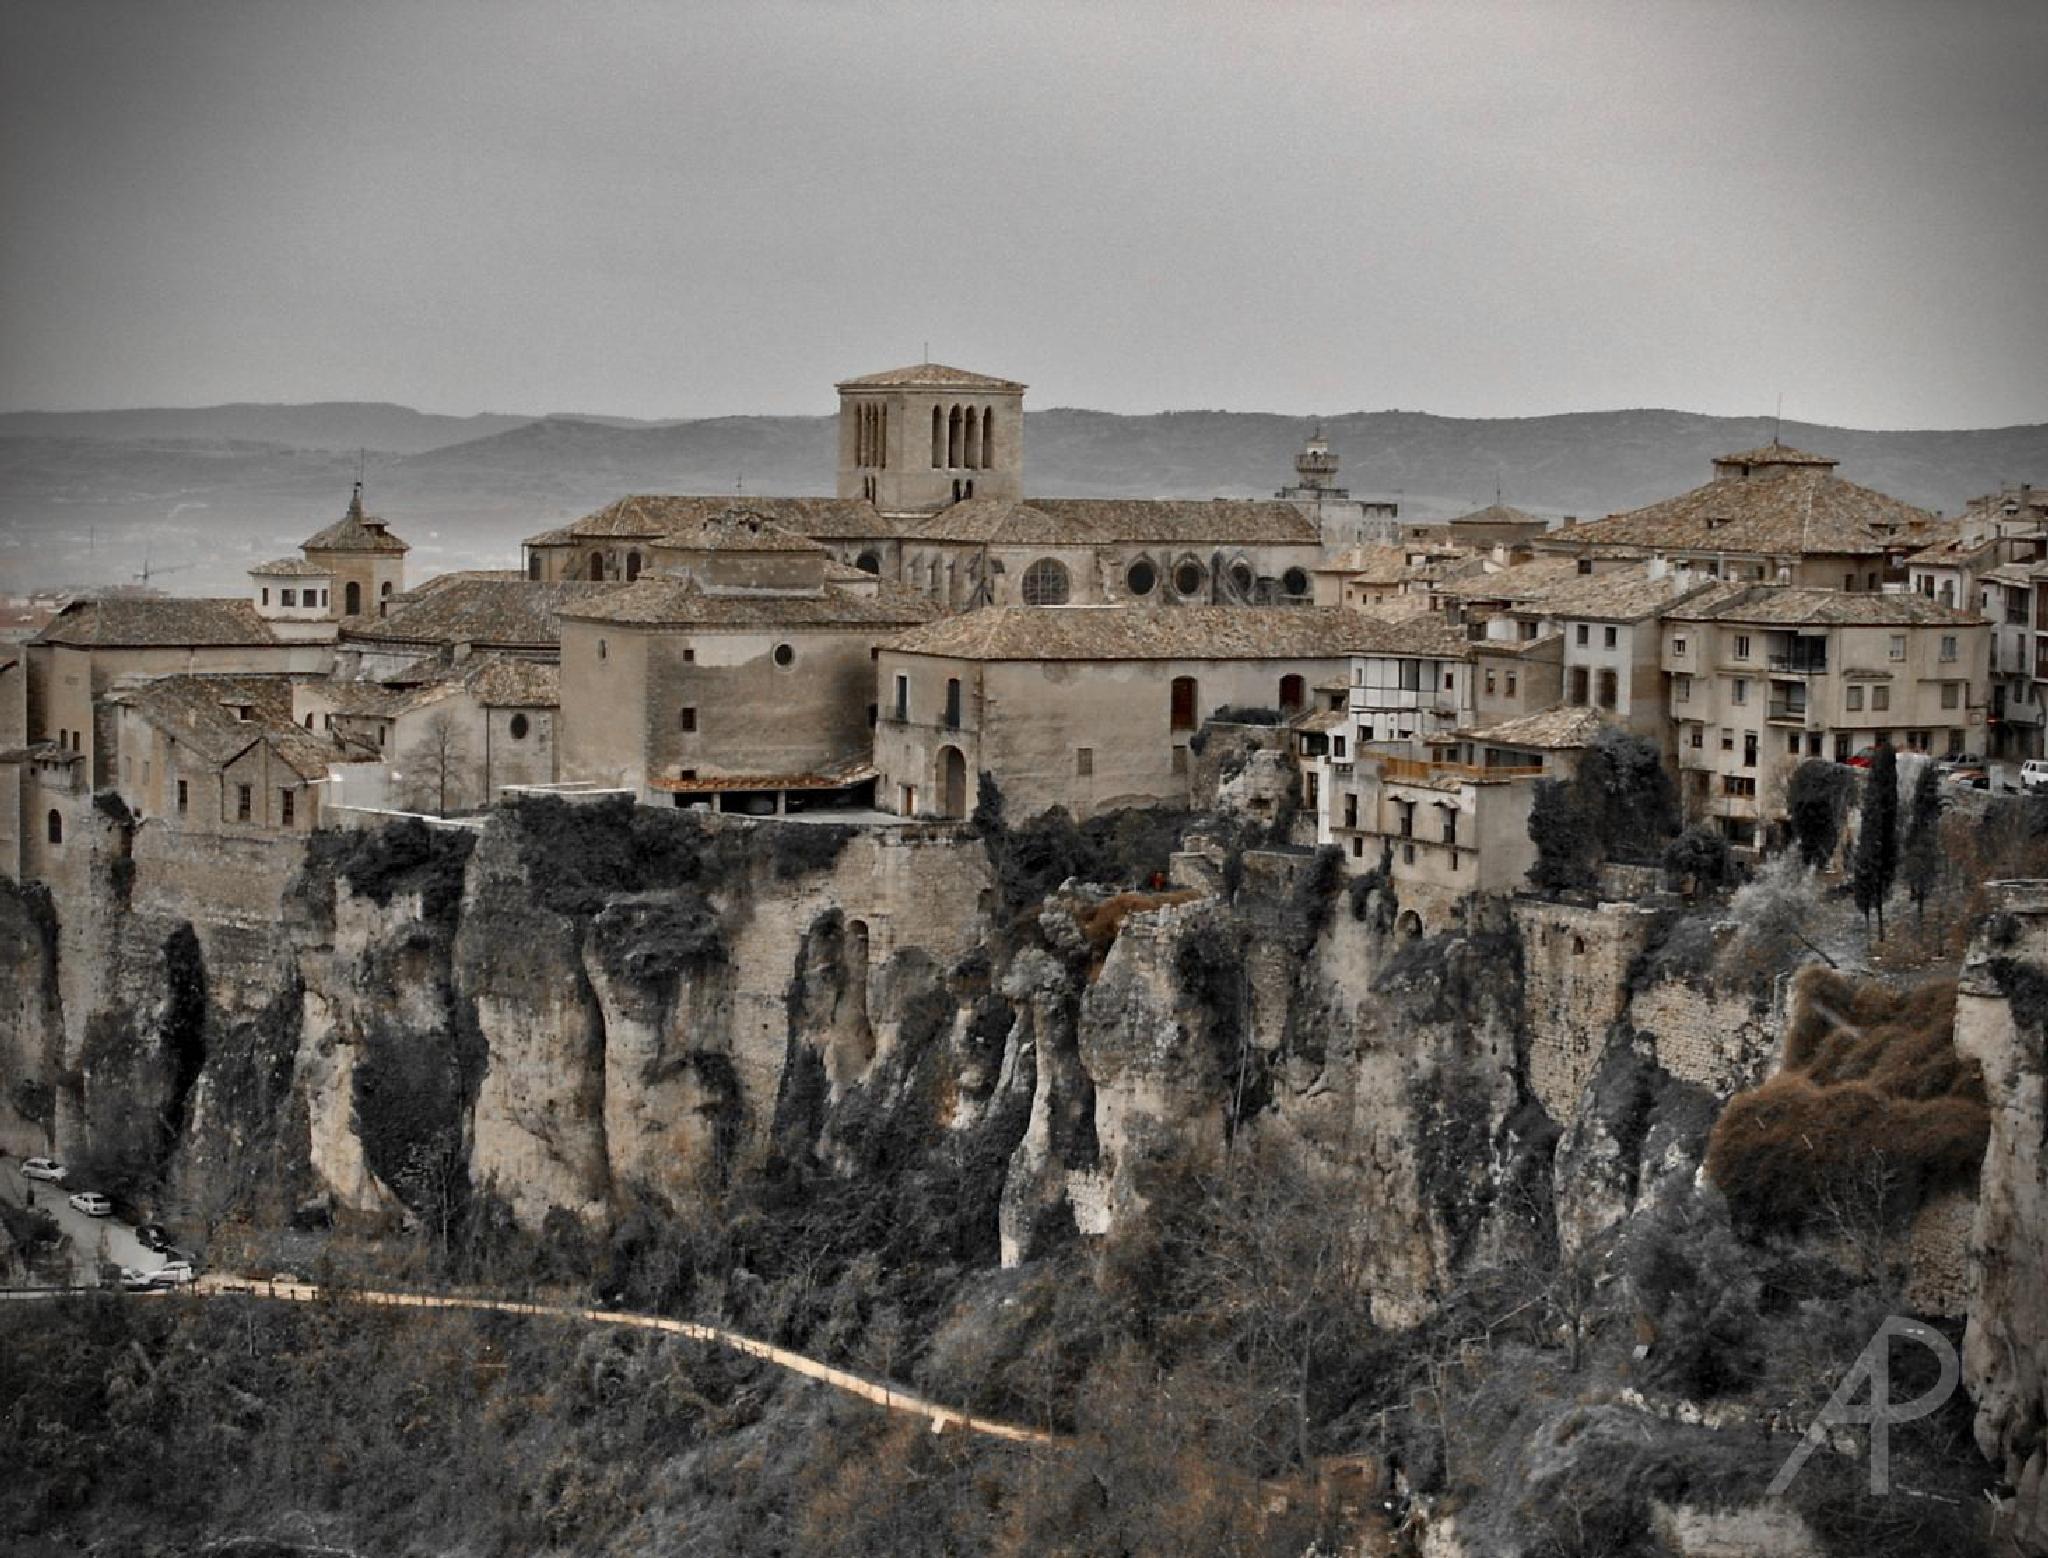 Cuenca by Arturo photography